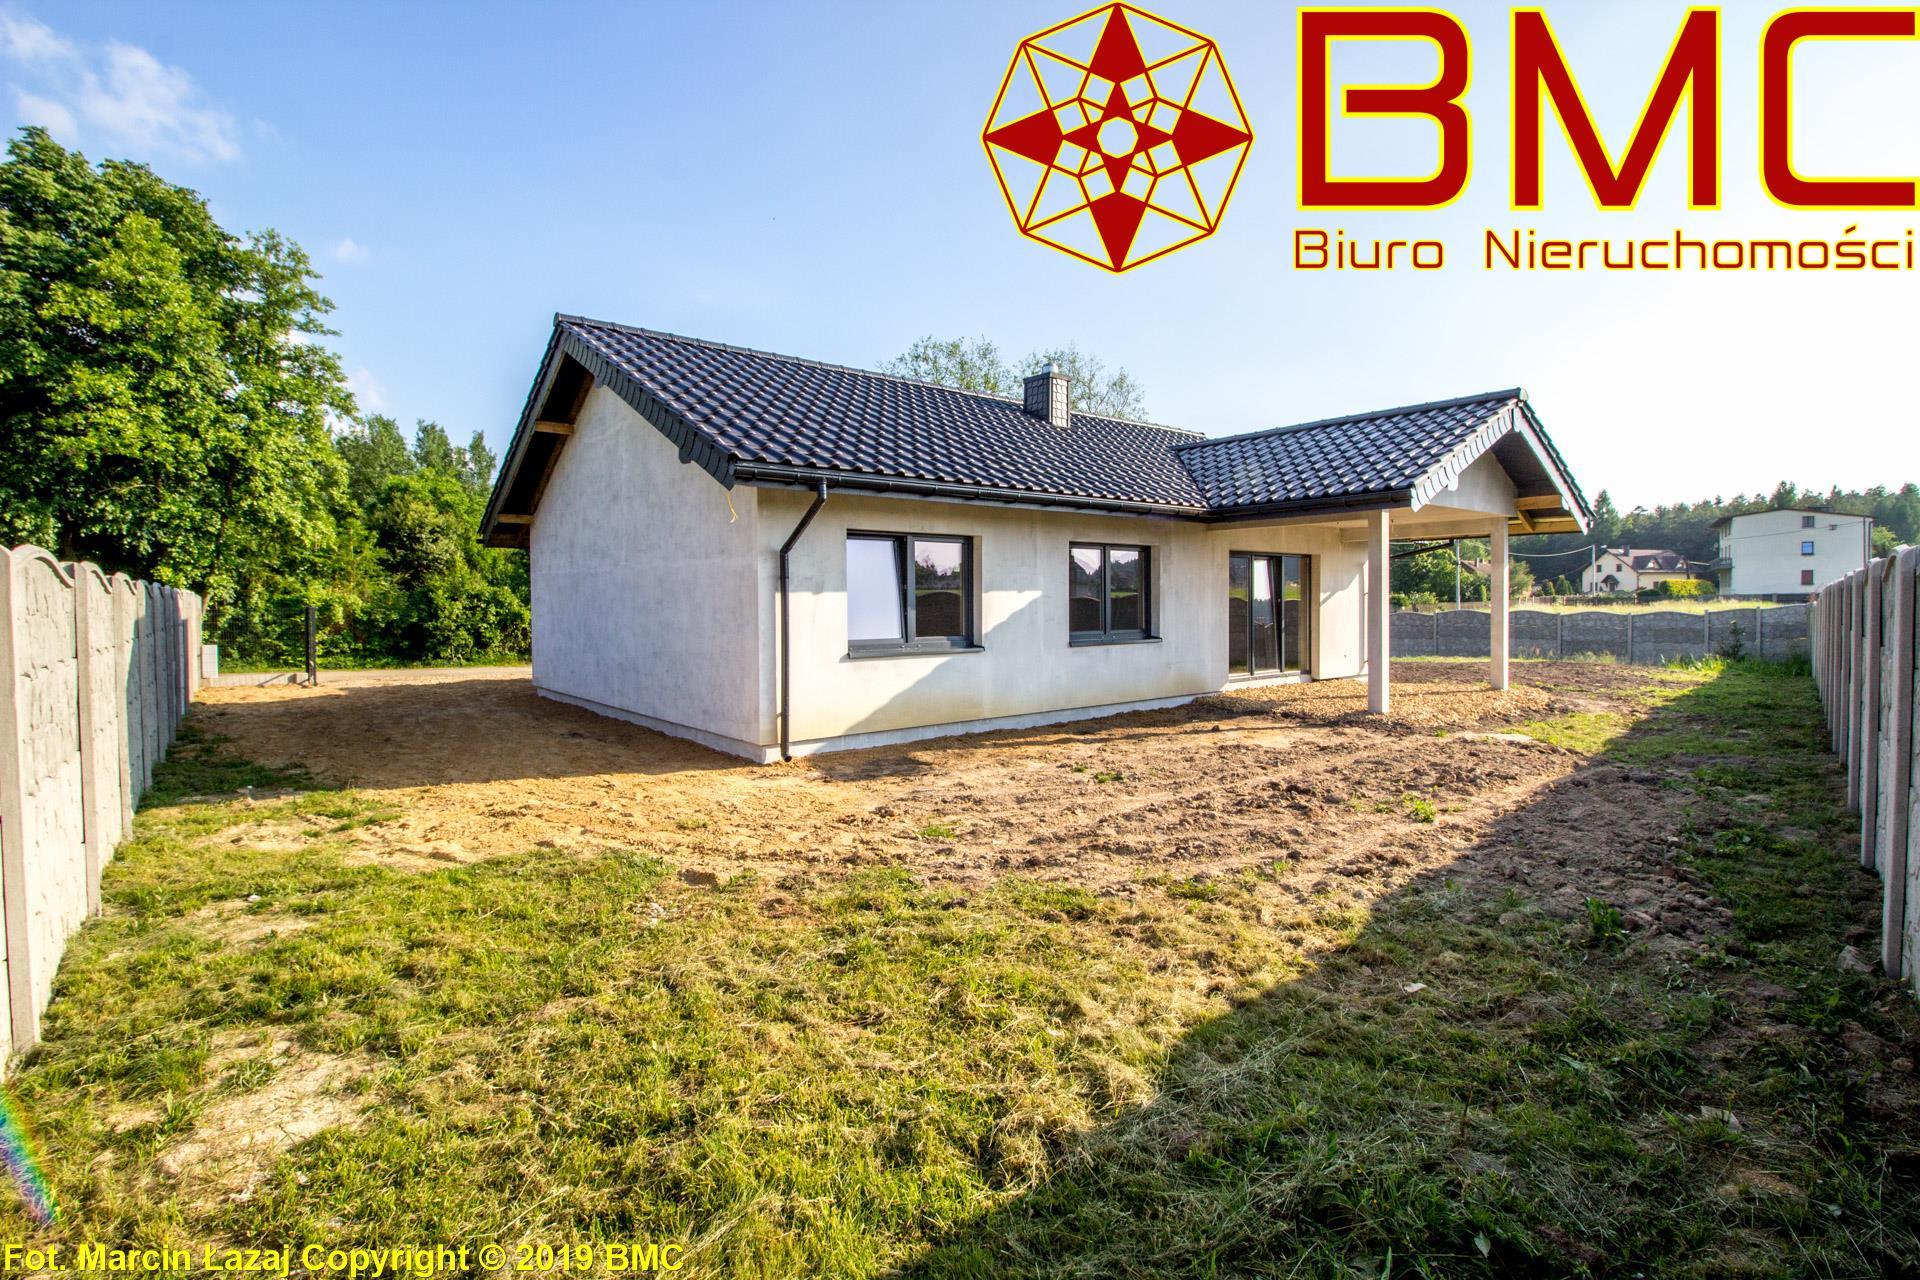 Nieruchomość Dom sprzedaż Dębowa Góra NOWY Dom w stanie deweloperskim - Dębowa Góra1